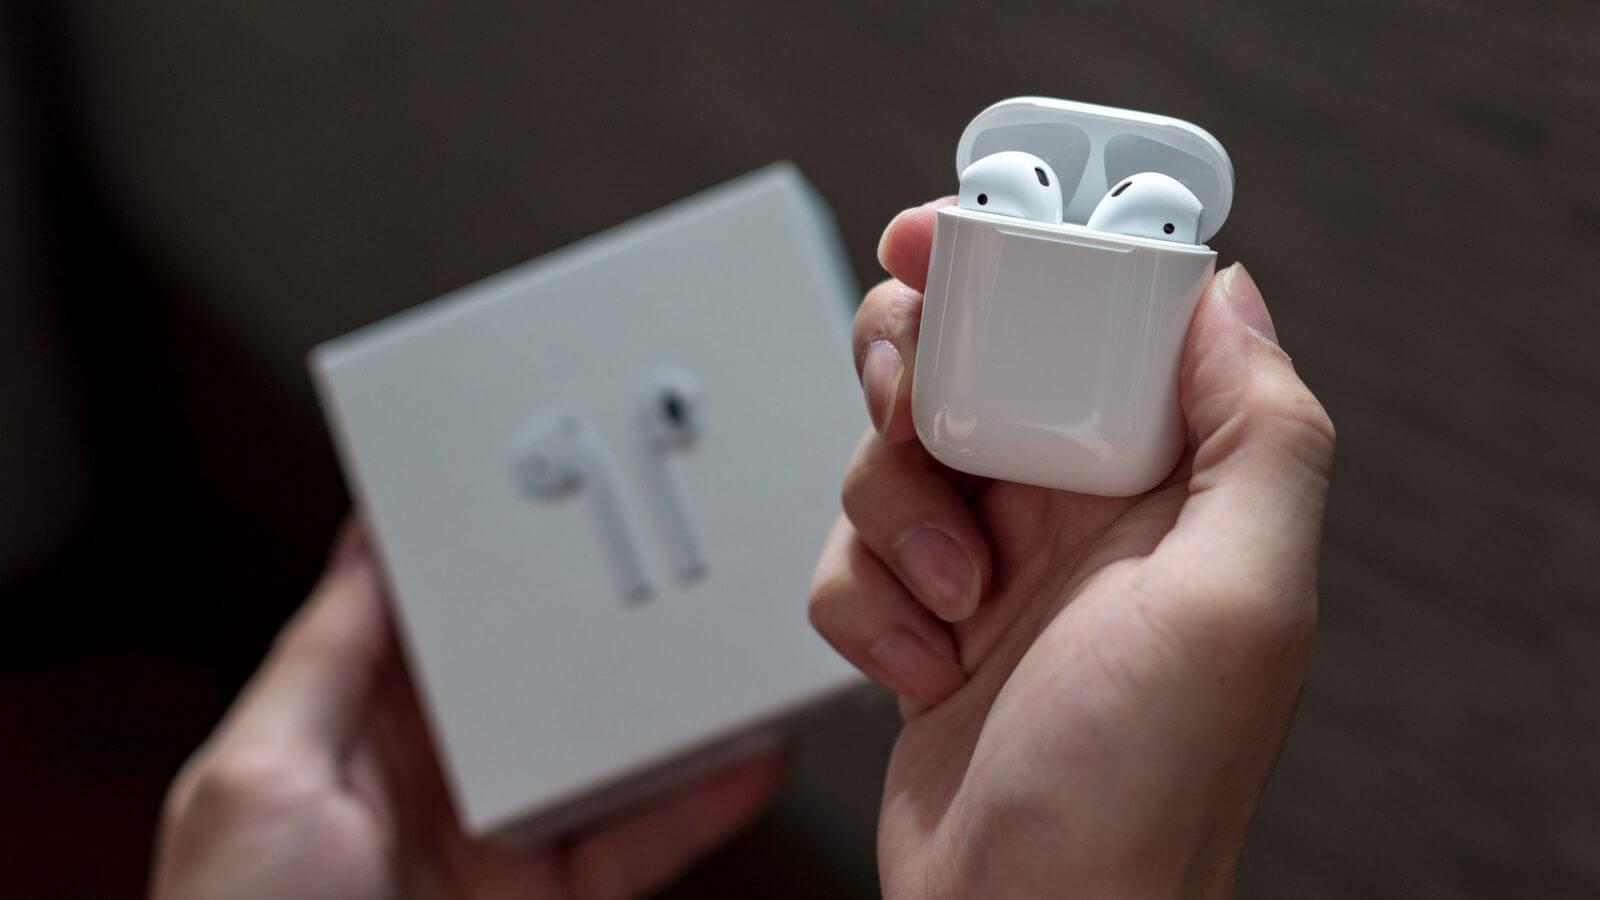 Культовый продукт Apple ждет предновогодний дефицит